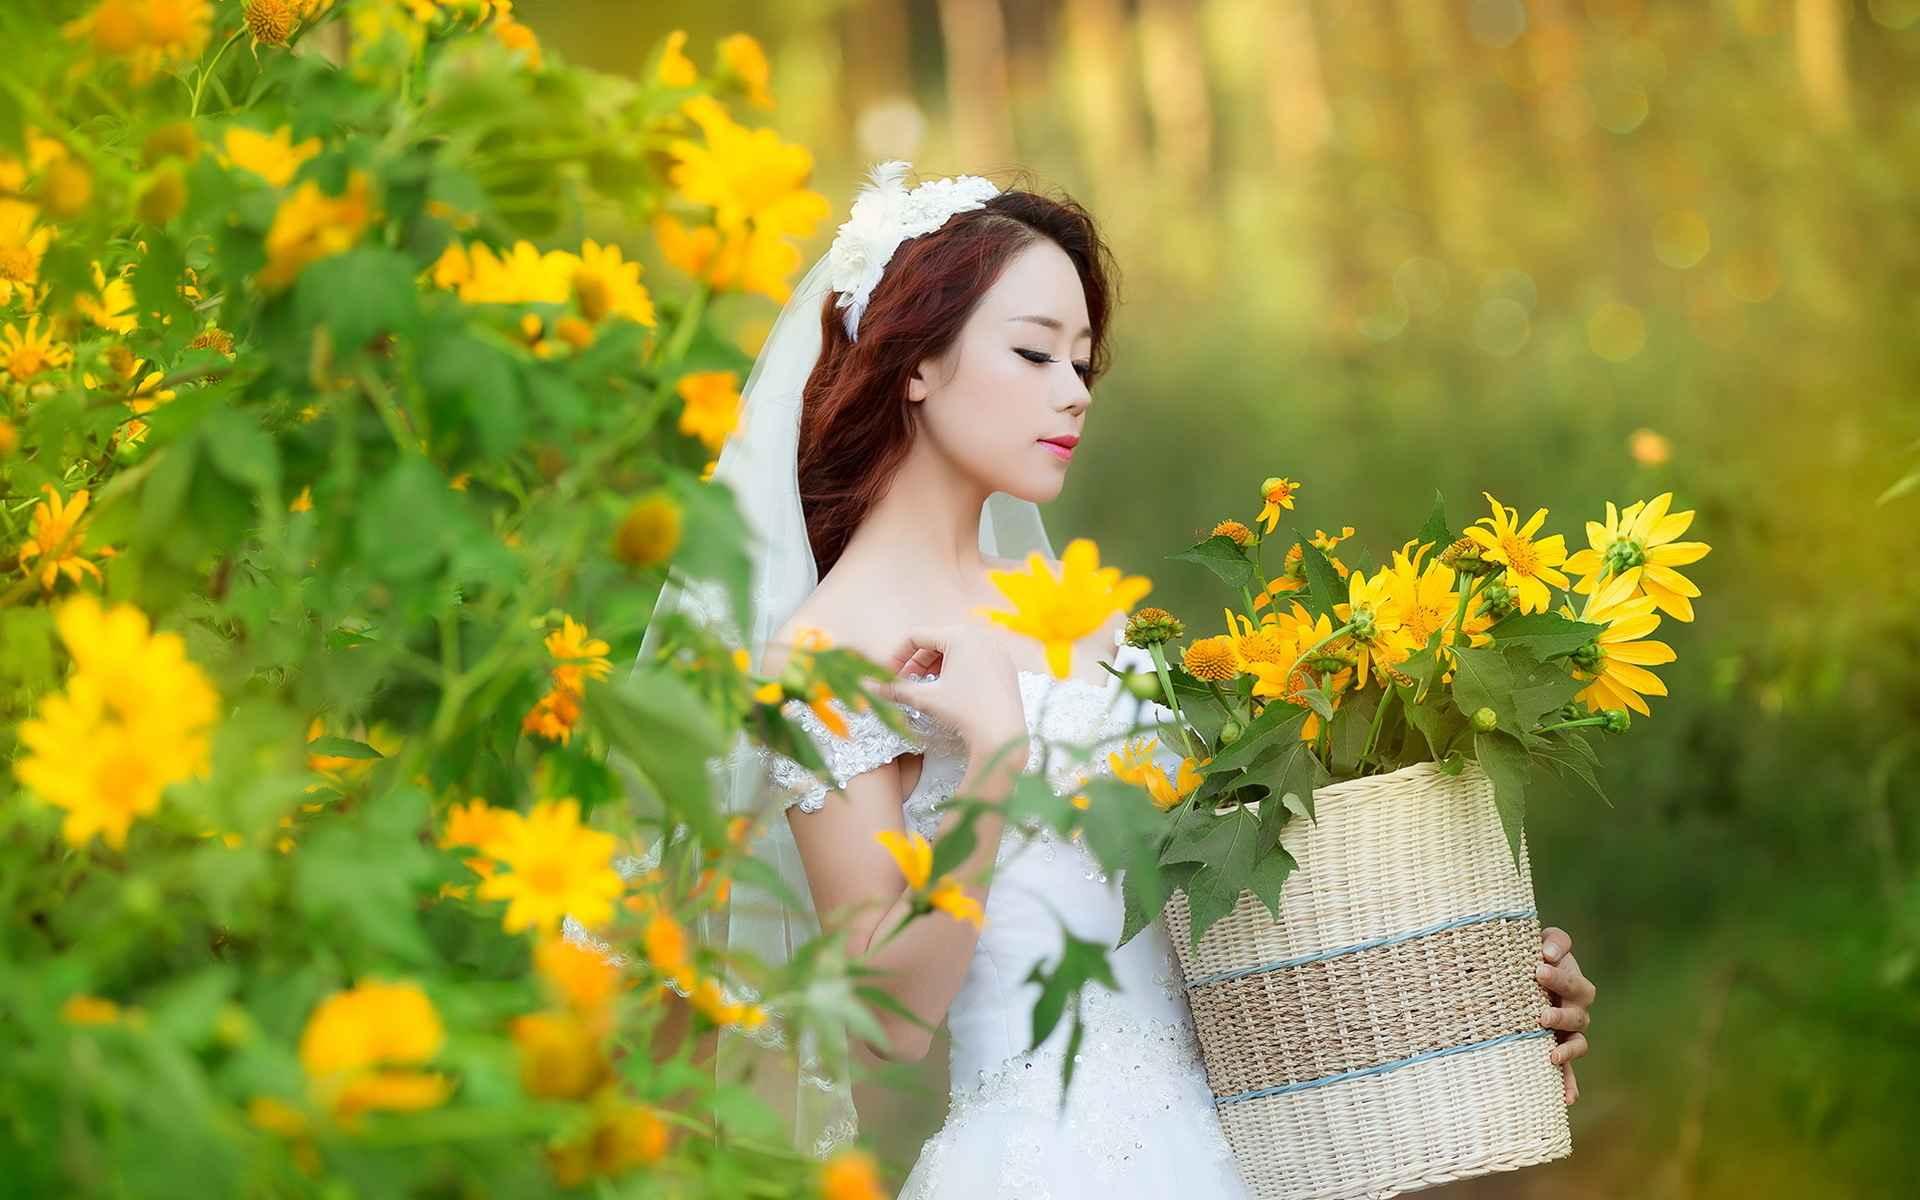 عکس عروس زیبای آسیایی با گل های زرد